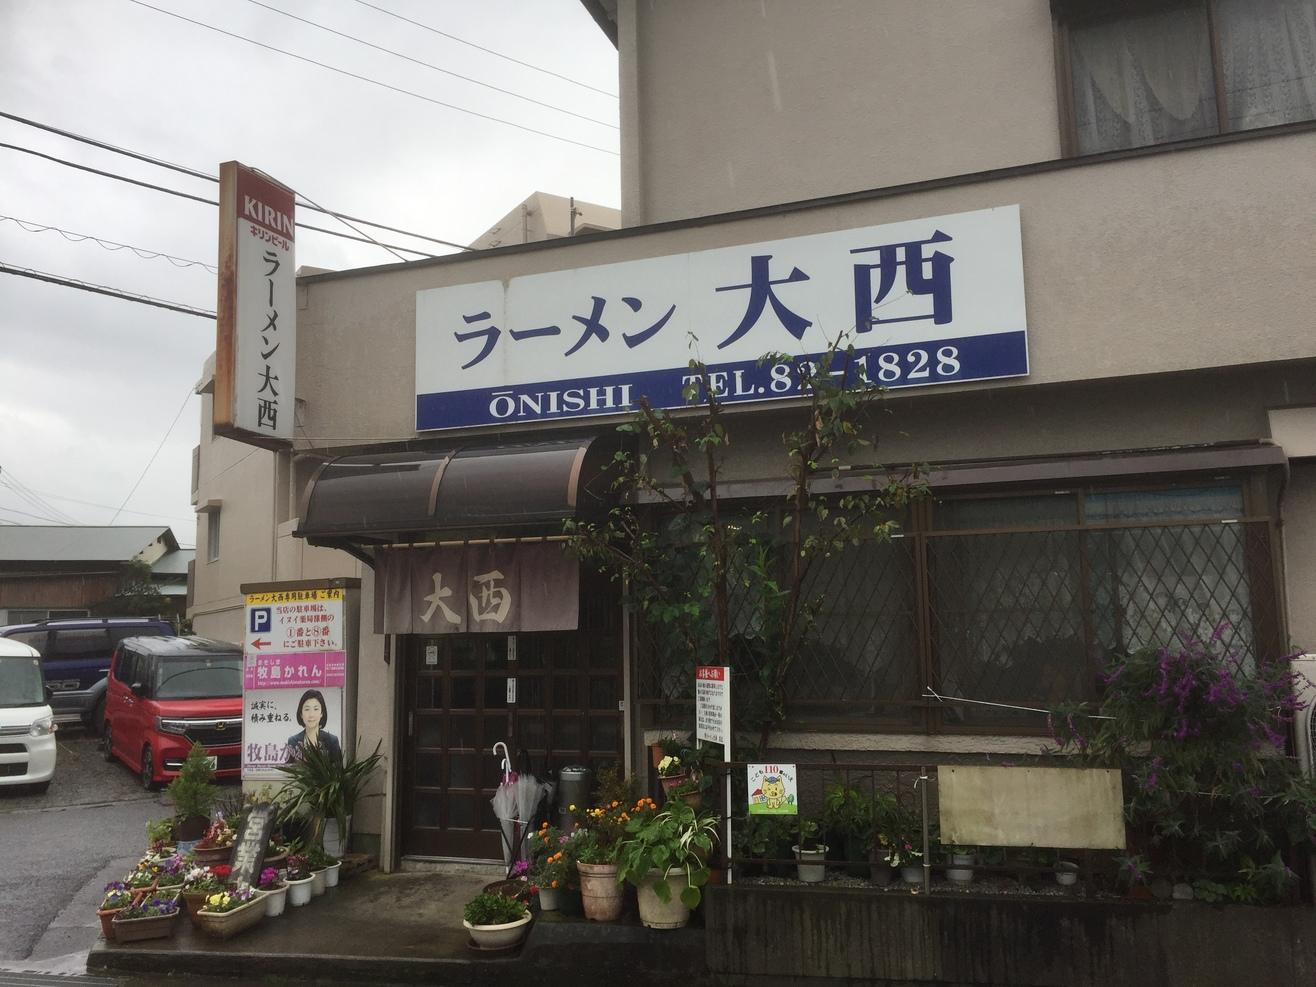 181106火 神奈川 ラーメン大西 外観